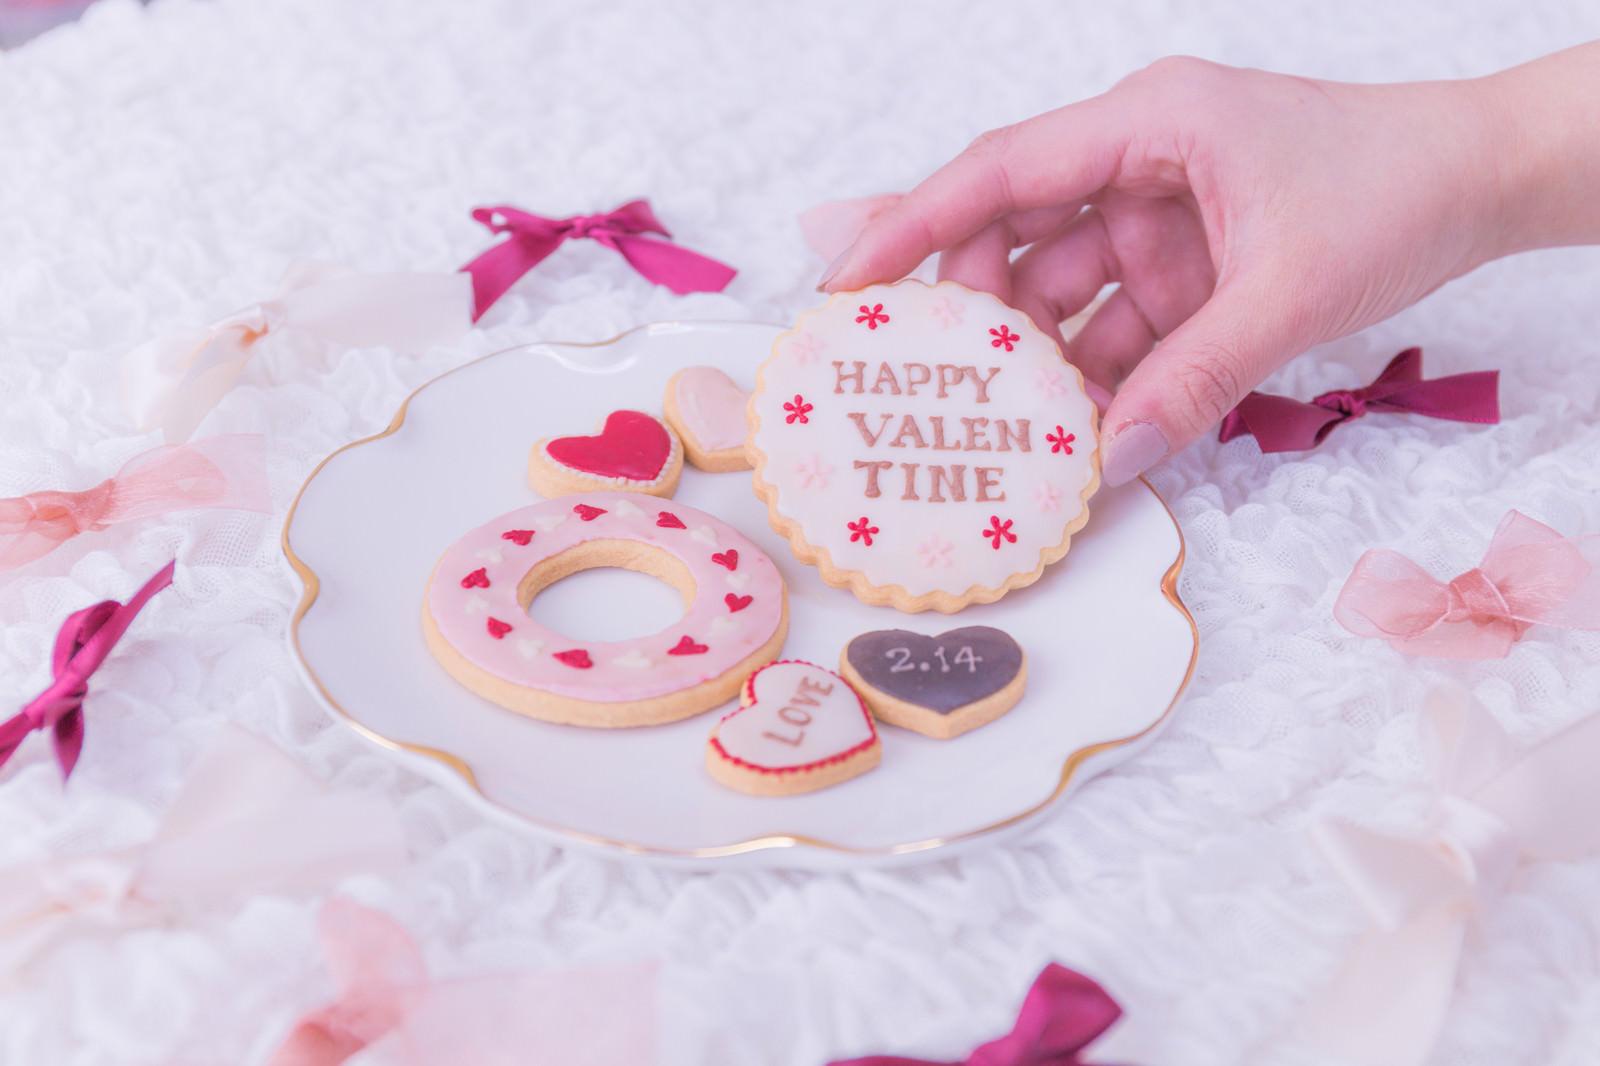 「HAPPY VALEN TINE」の写真